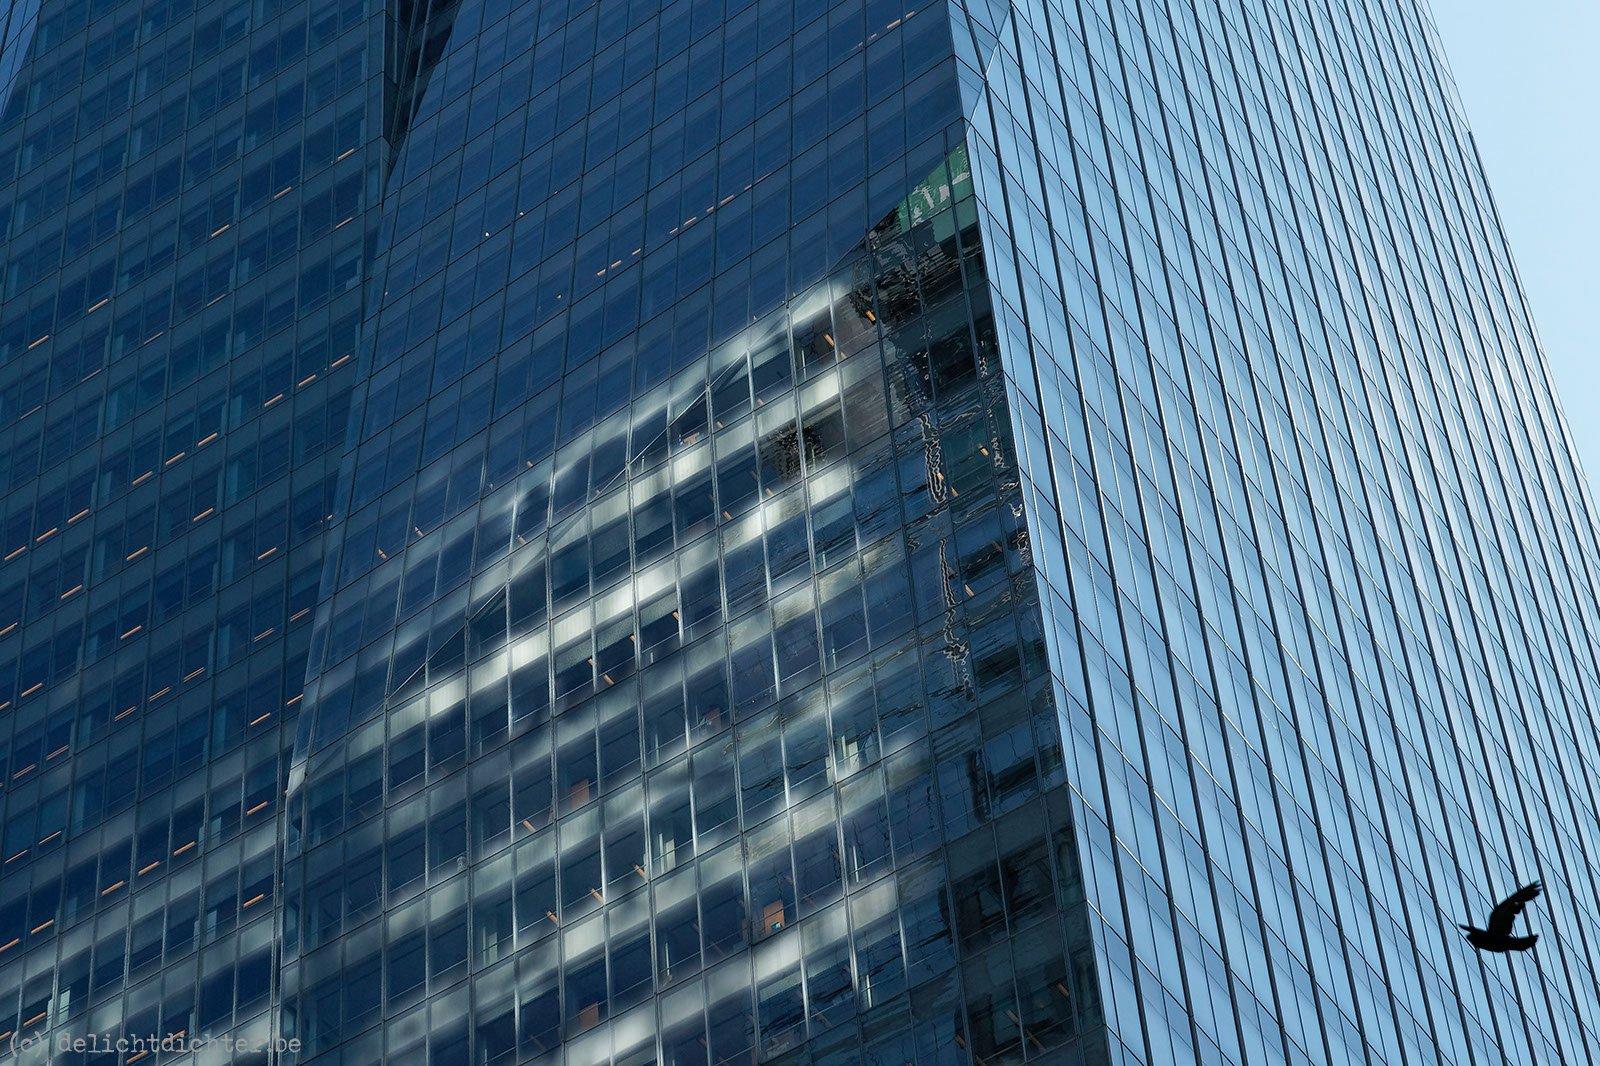 2010_08_nyc_20100813_164805_dxo